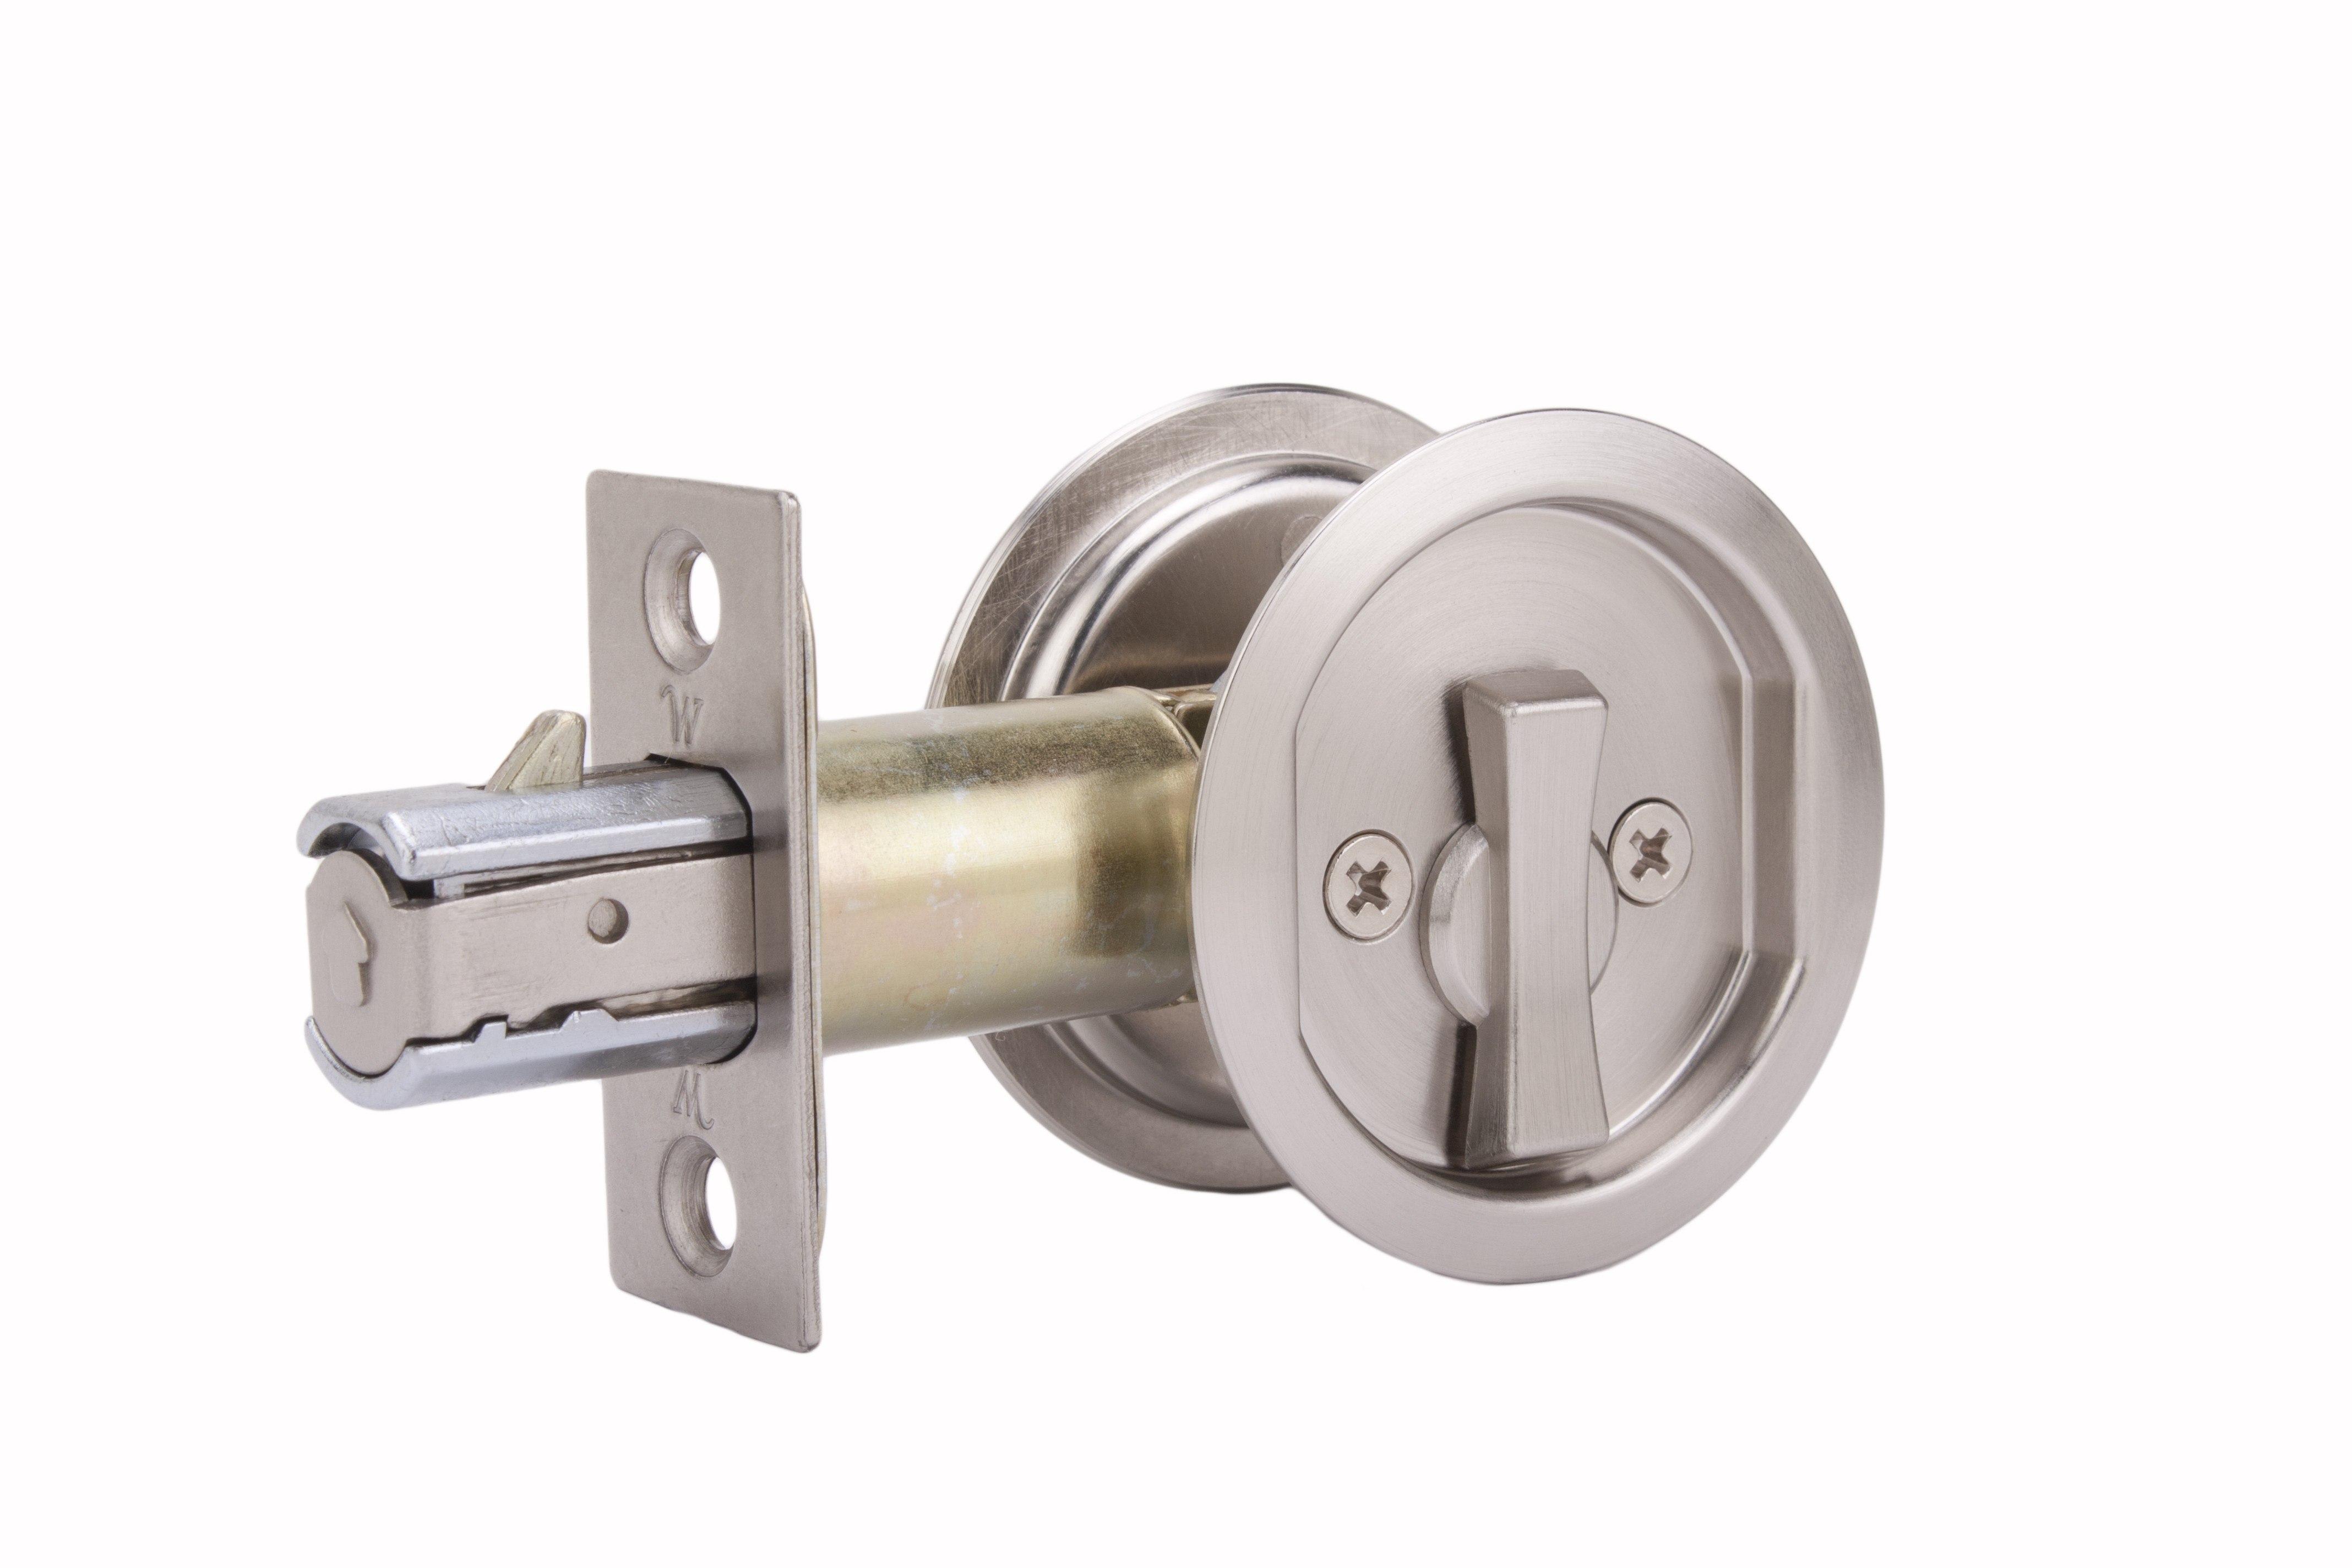 WESLOCK 00677X ROUND PRIVACY SLIDING POCKET DOOR LOCK